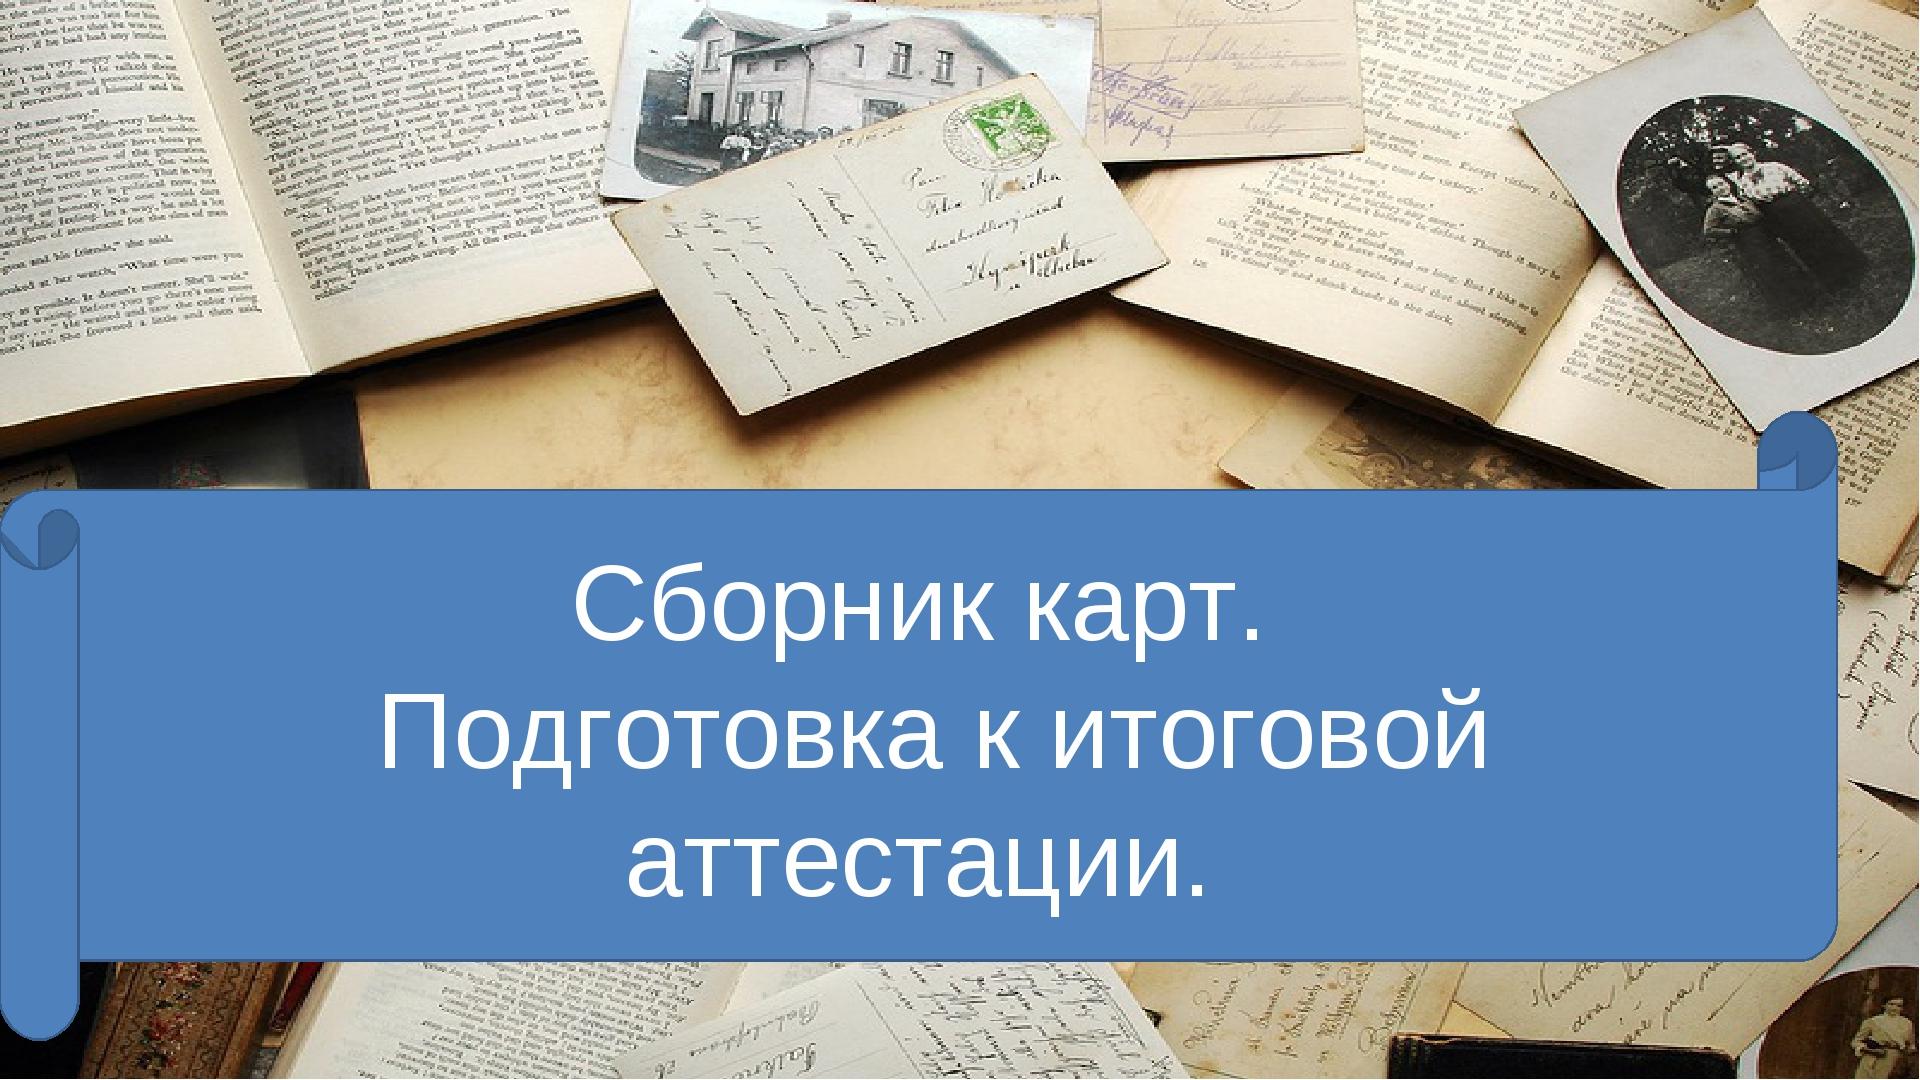 Сборник карт для ЕГЭ по истории Сборник карт. Подготовка к итоговой аттестации.